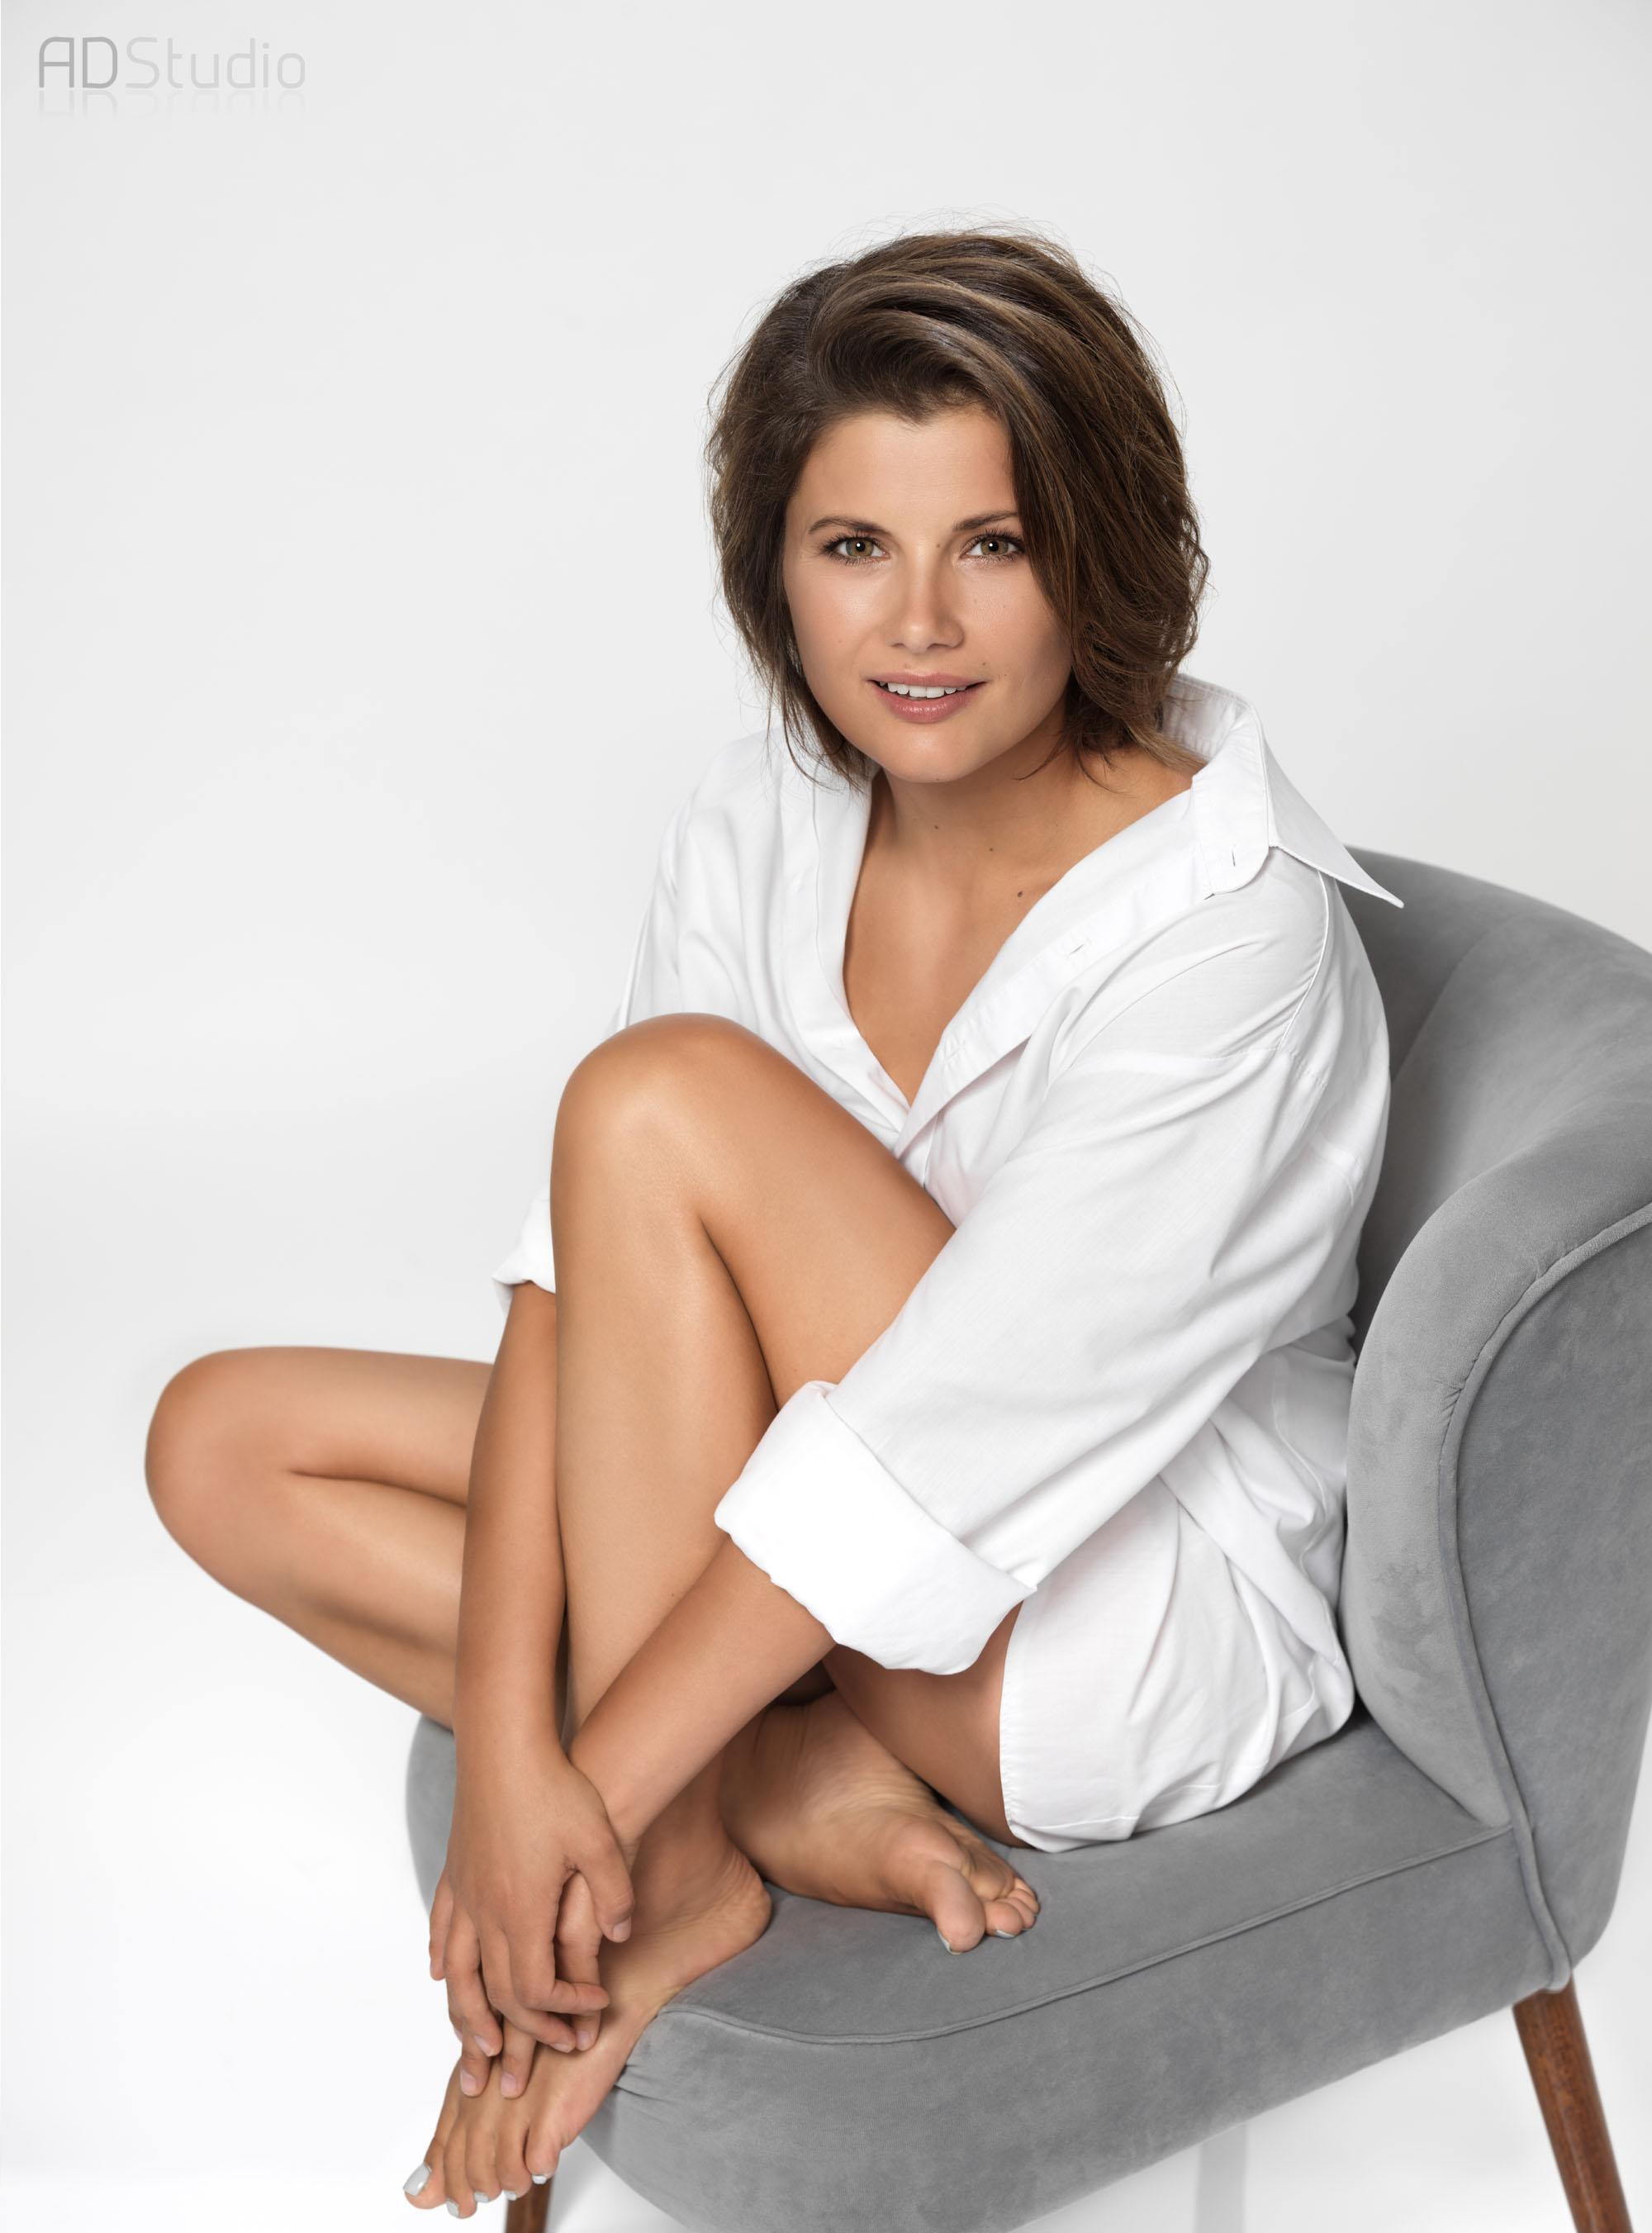 portret kobiety na fotelu - Agnieszka Sienkiewicz